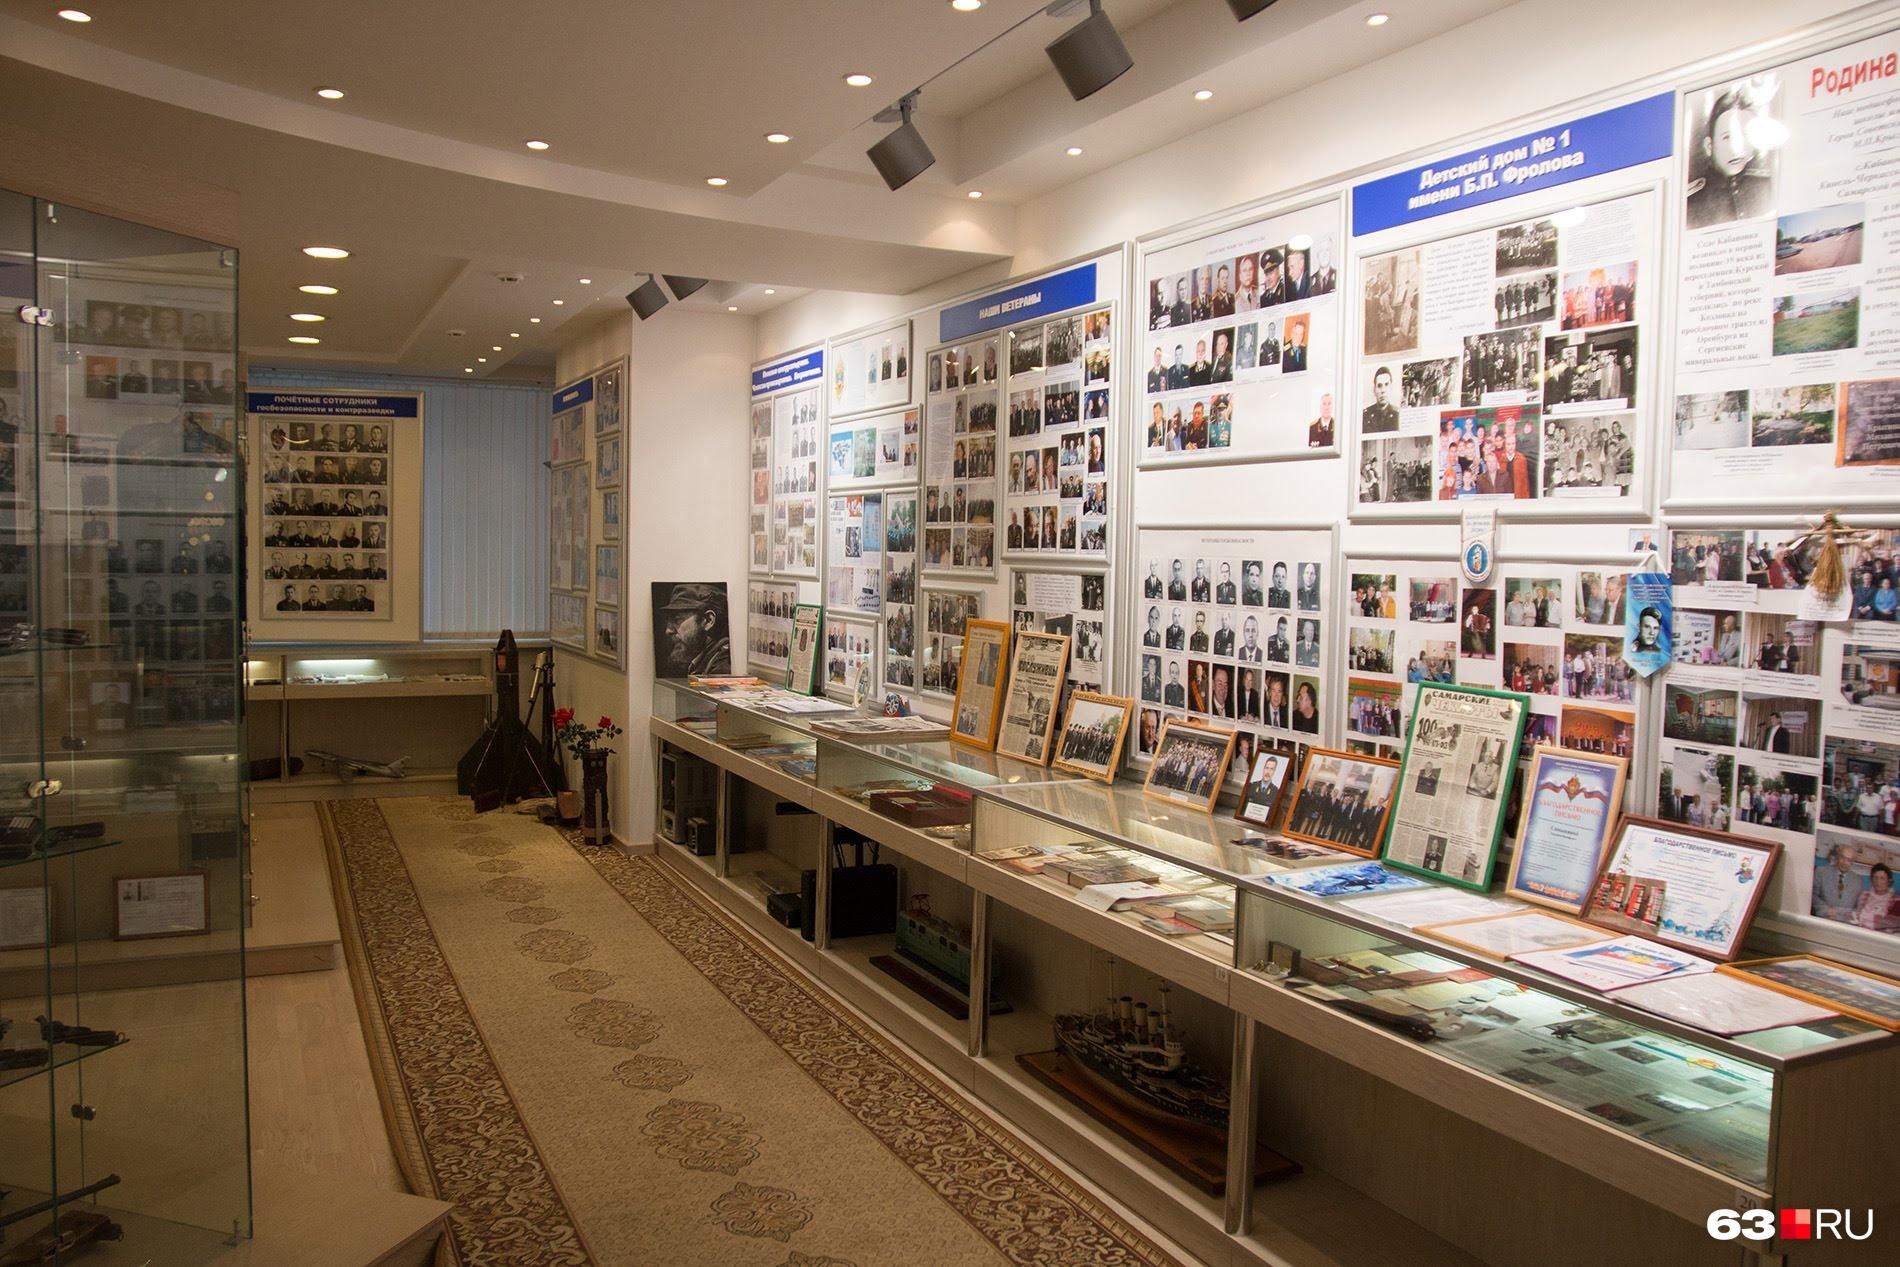 В музее Управления ФСБ по Самарской области знают немало захватывающих шпионских историй